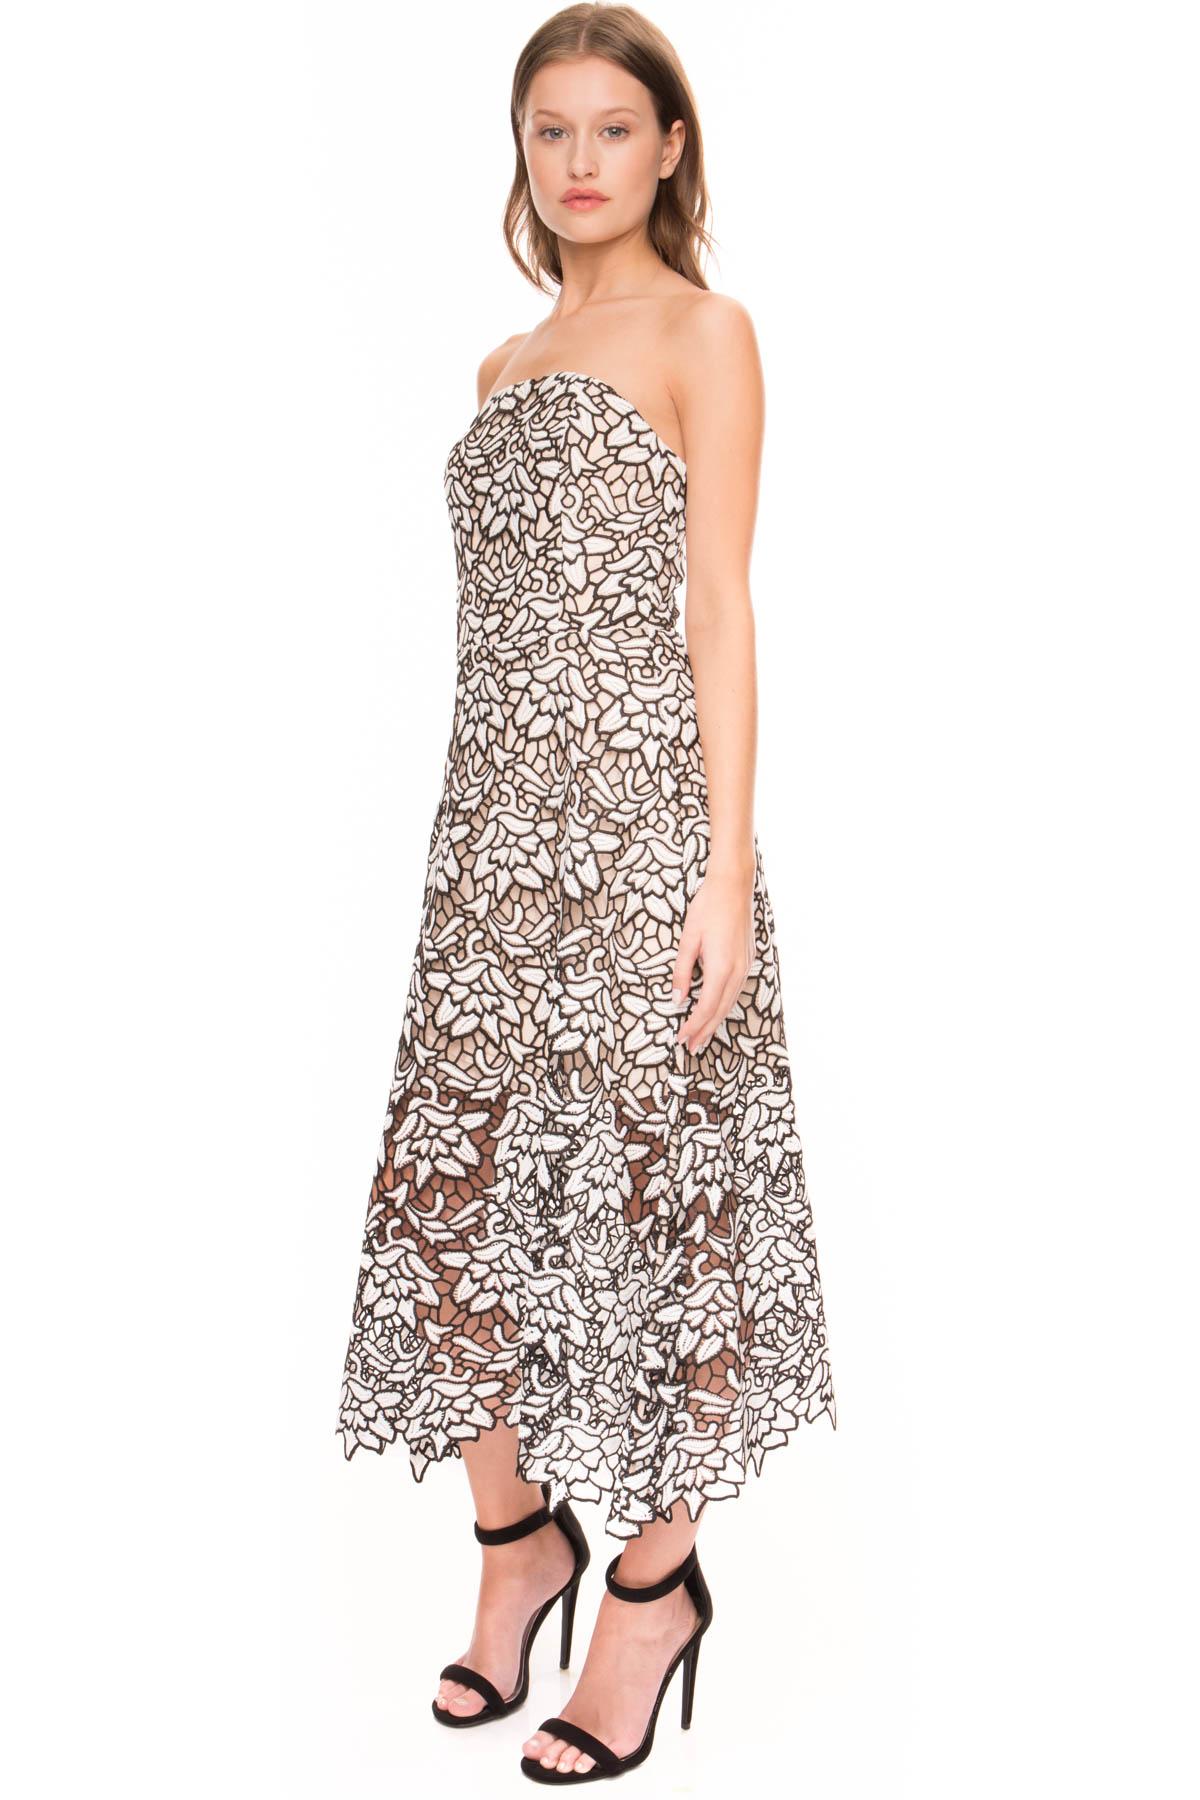 a3a25efe78 Lyst - Keepsake True Love Lace Strapless Dress in Black